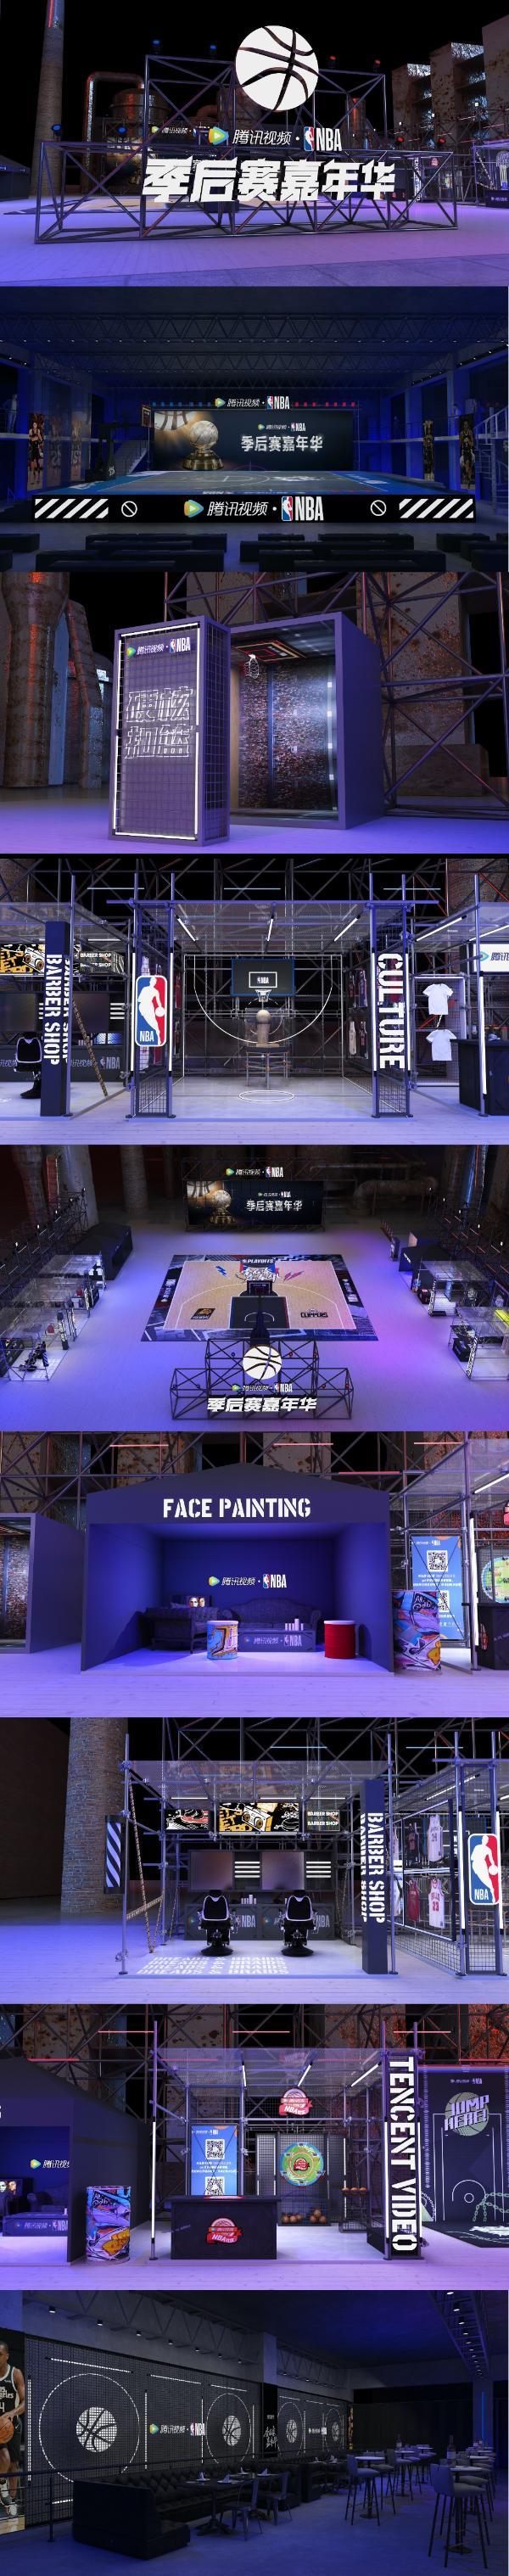 腾讯视频NBA季后赛嘉年华,简直就是球迷天堂